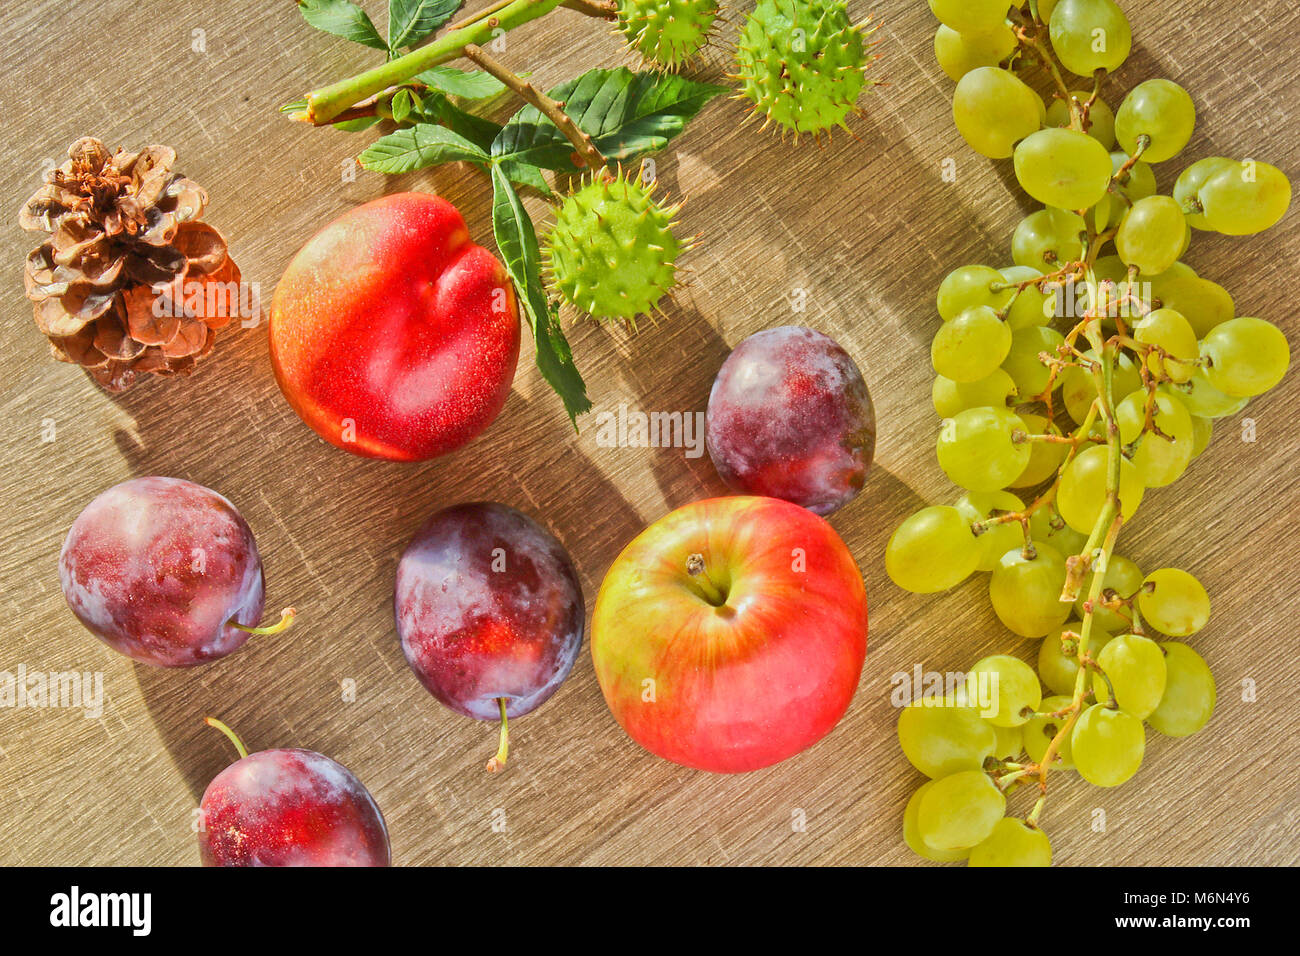 Fruits d'automne, cône, châtaignes, nectarine prune et raisin apple sur fond de bois Banque D'Images